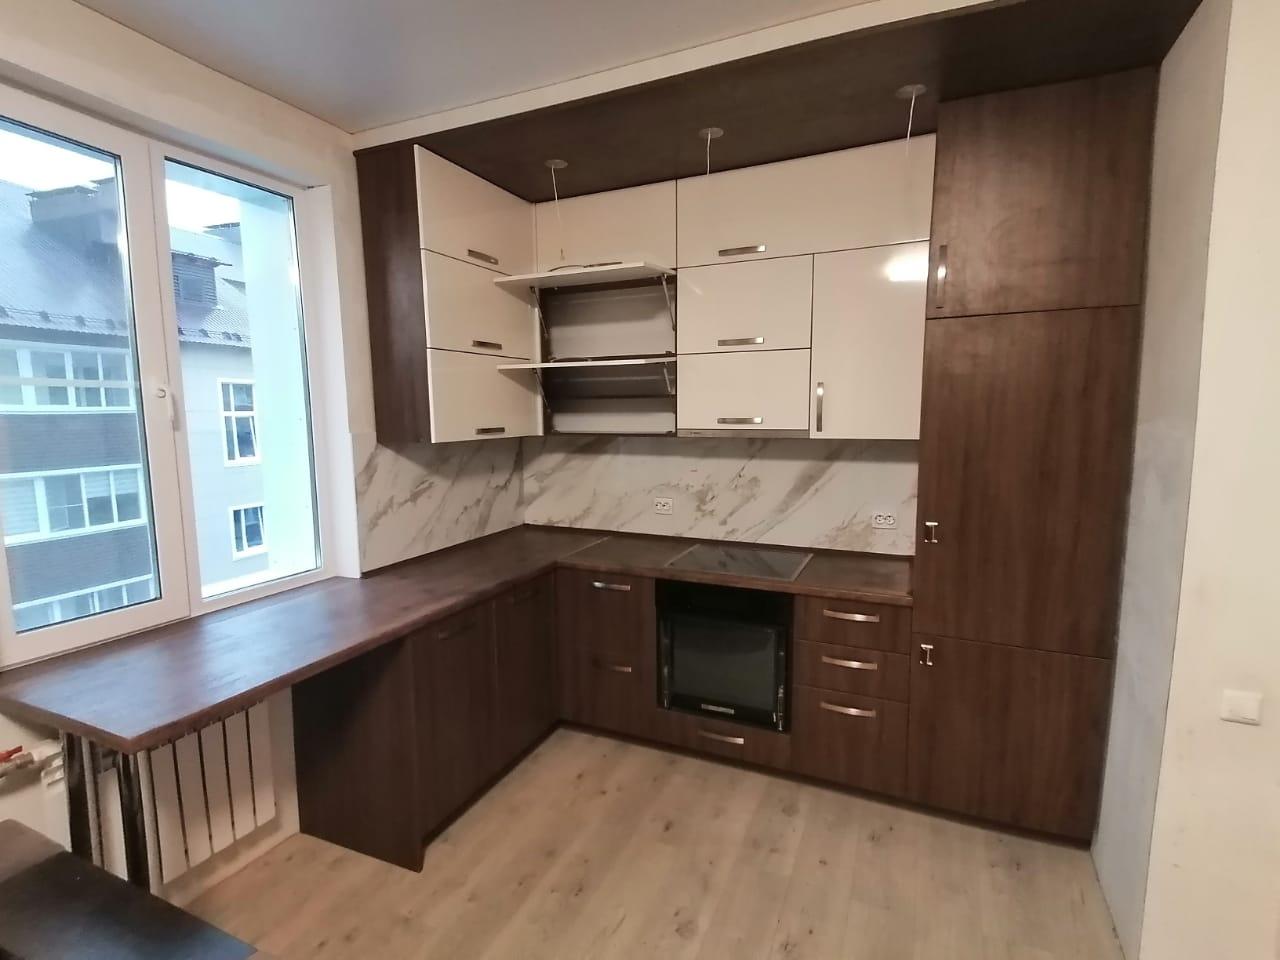 Стильная кухня со встроенной техникой на (под) заказ в Новосибирске